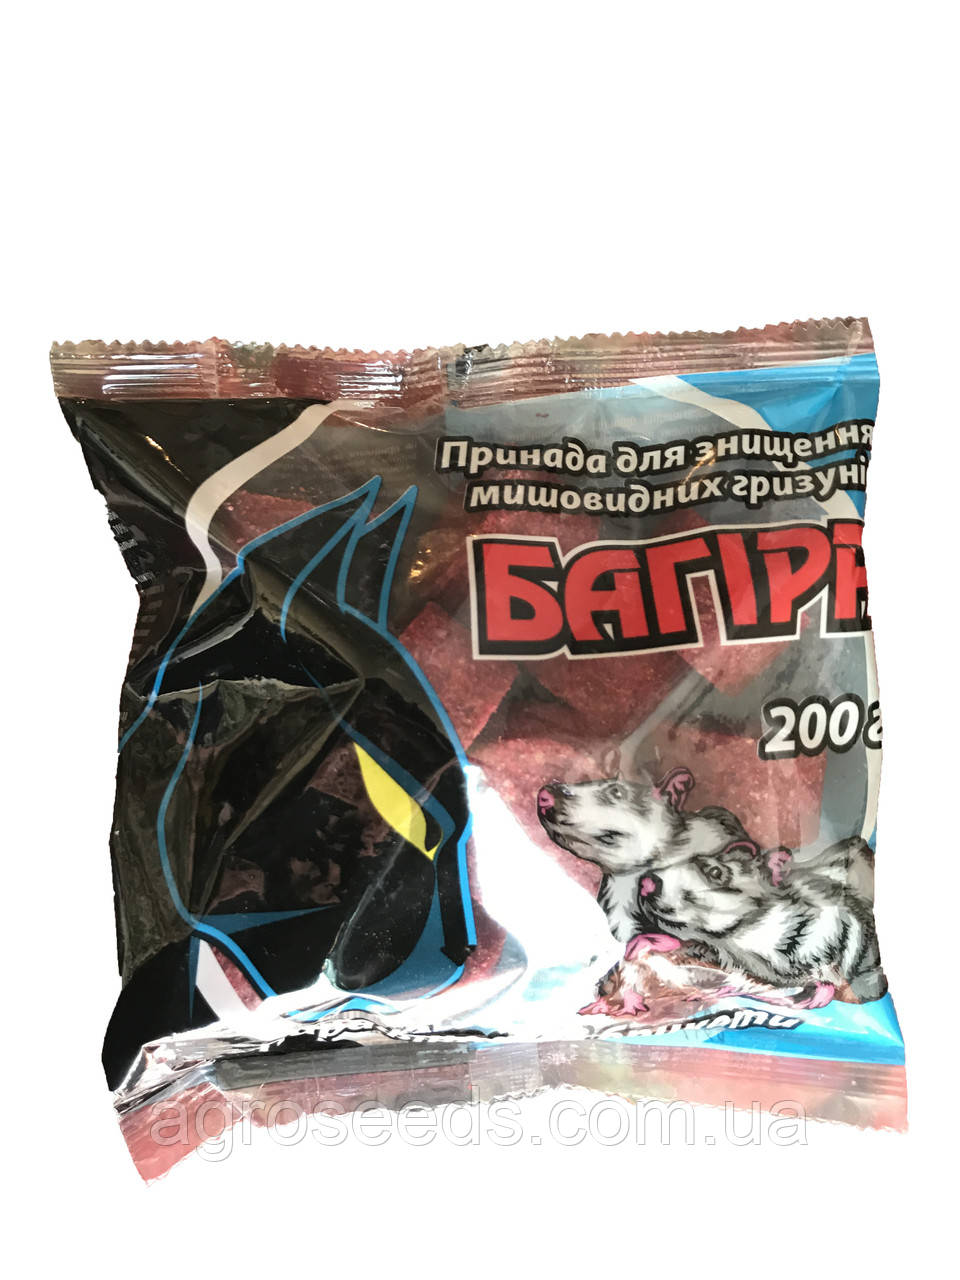 Багира брикеты 200 г